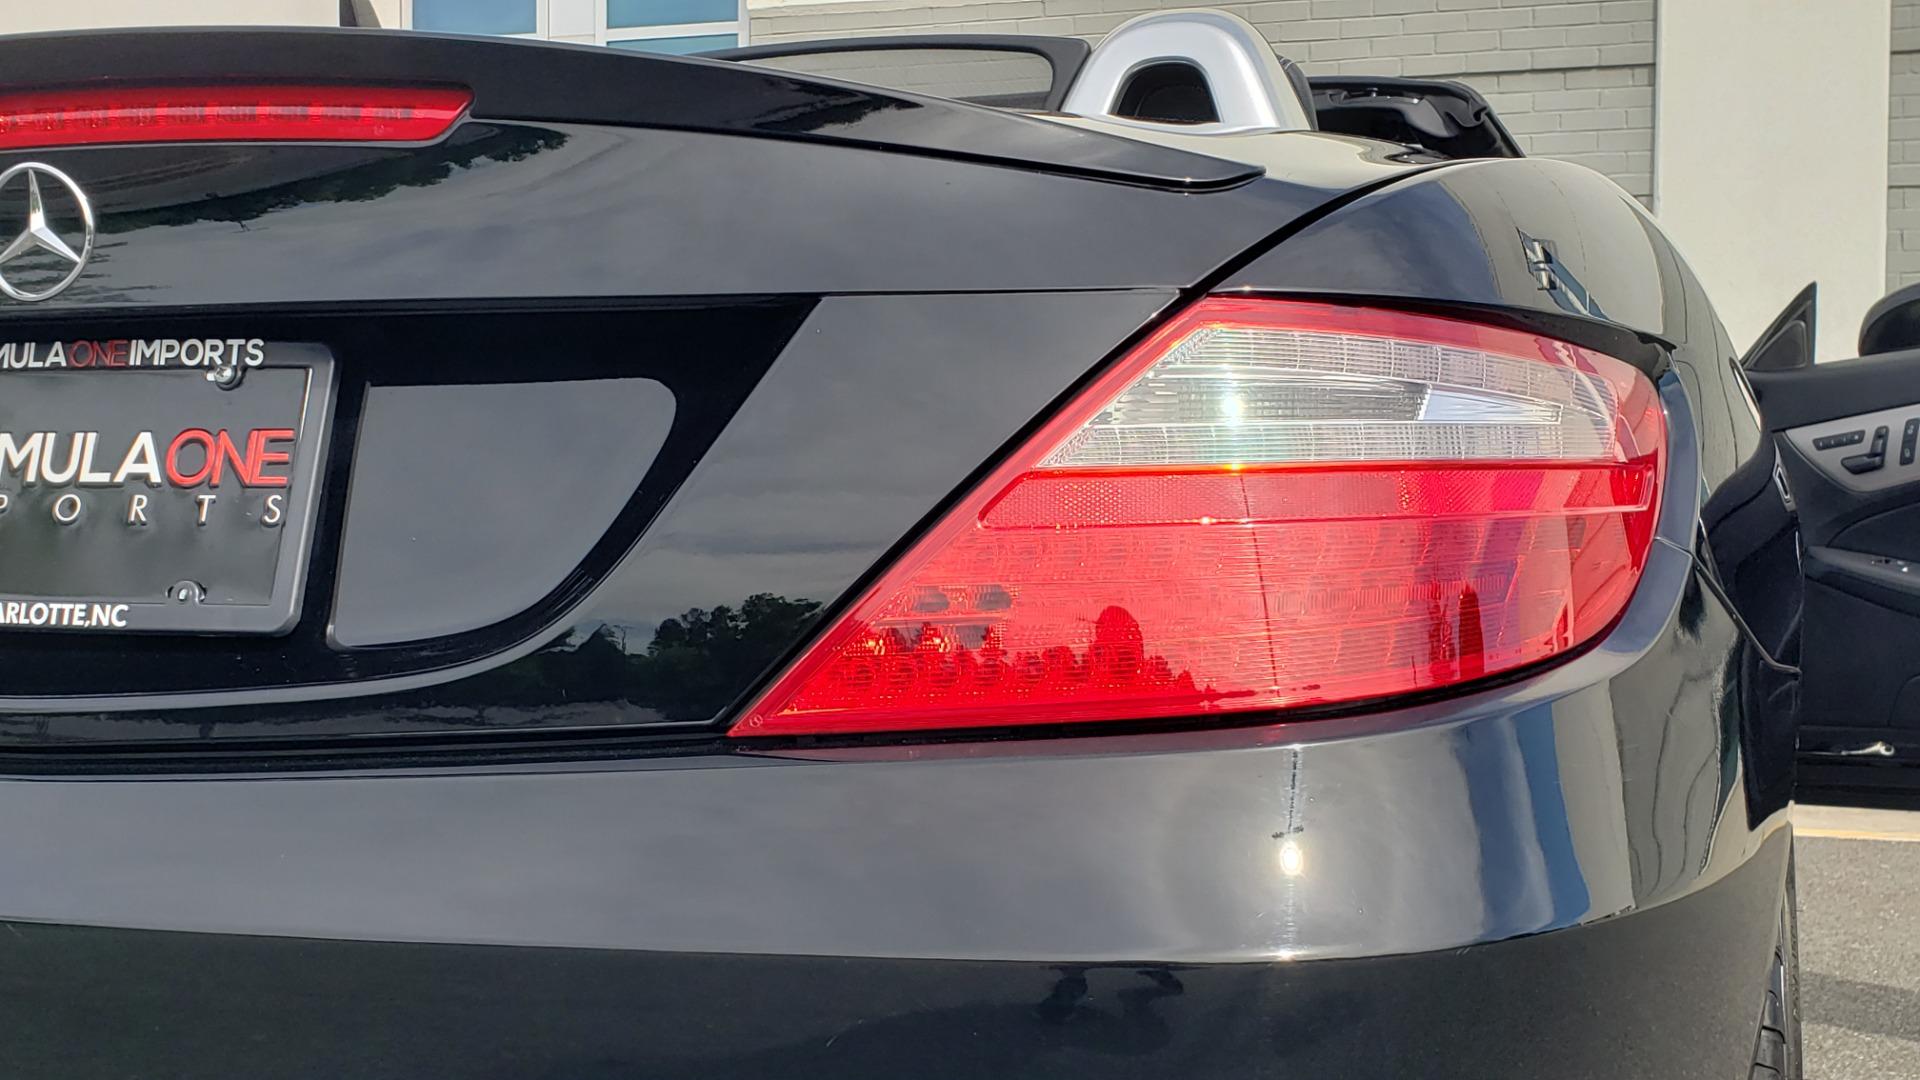 Used 2012 Mercedes-Benz SLK-CLASS SLK 250 ROADSTER / PREM 1 PKG / COMAND LAUNCH PKG / 7-SPD AUTO for sale $24,995 at Formula Imports in Charlotte NC 28227 51